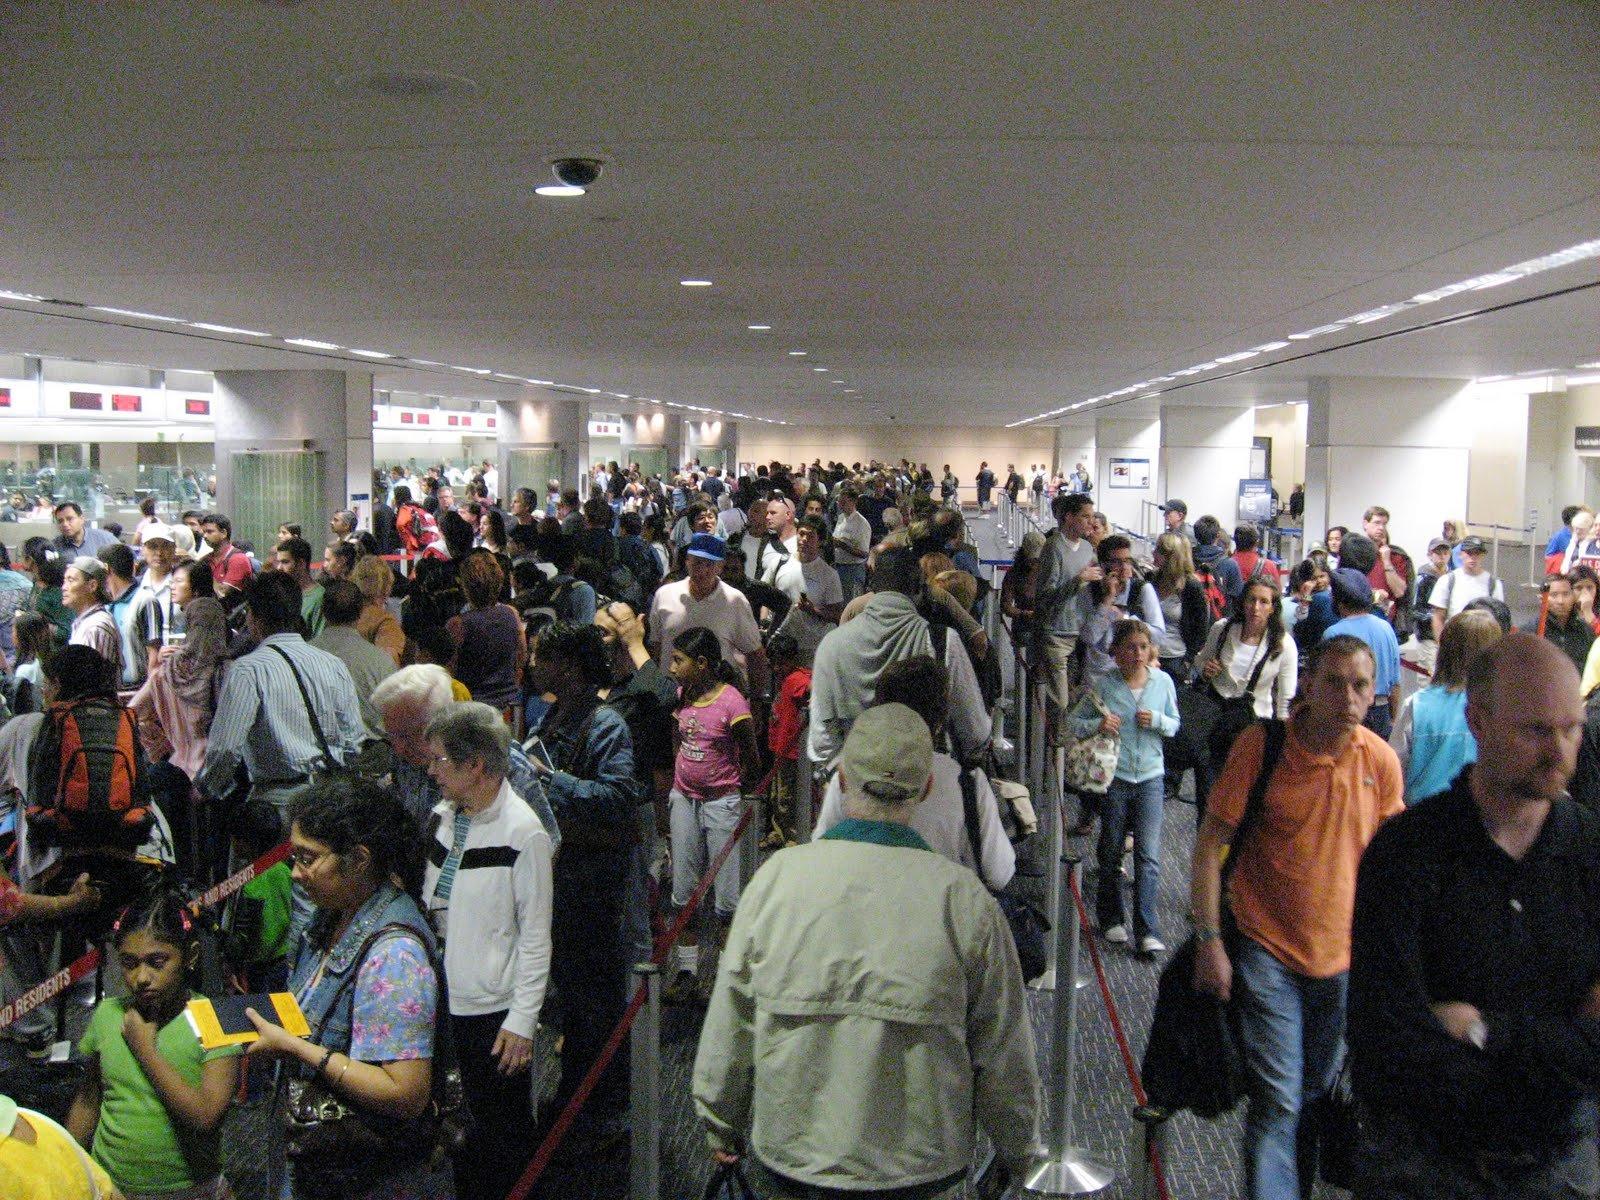 Ваэропорту Внуково произошел сбой всистеме контроля. Образовались самые большие очереди